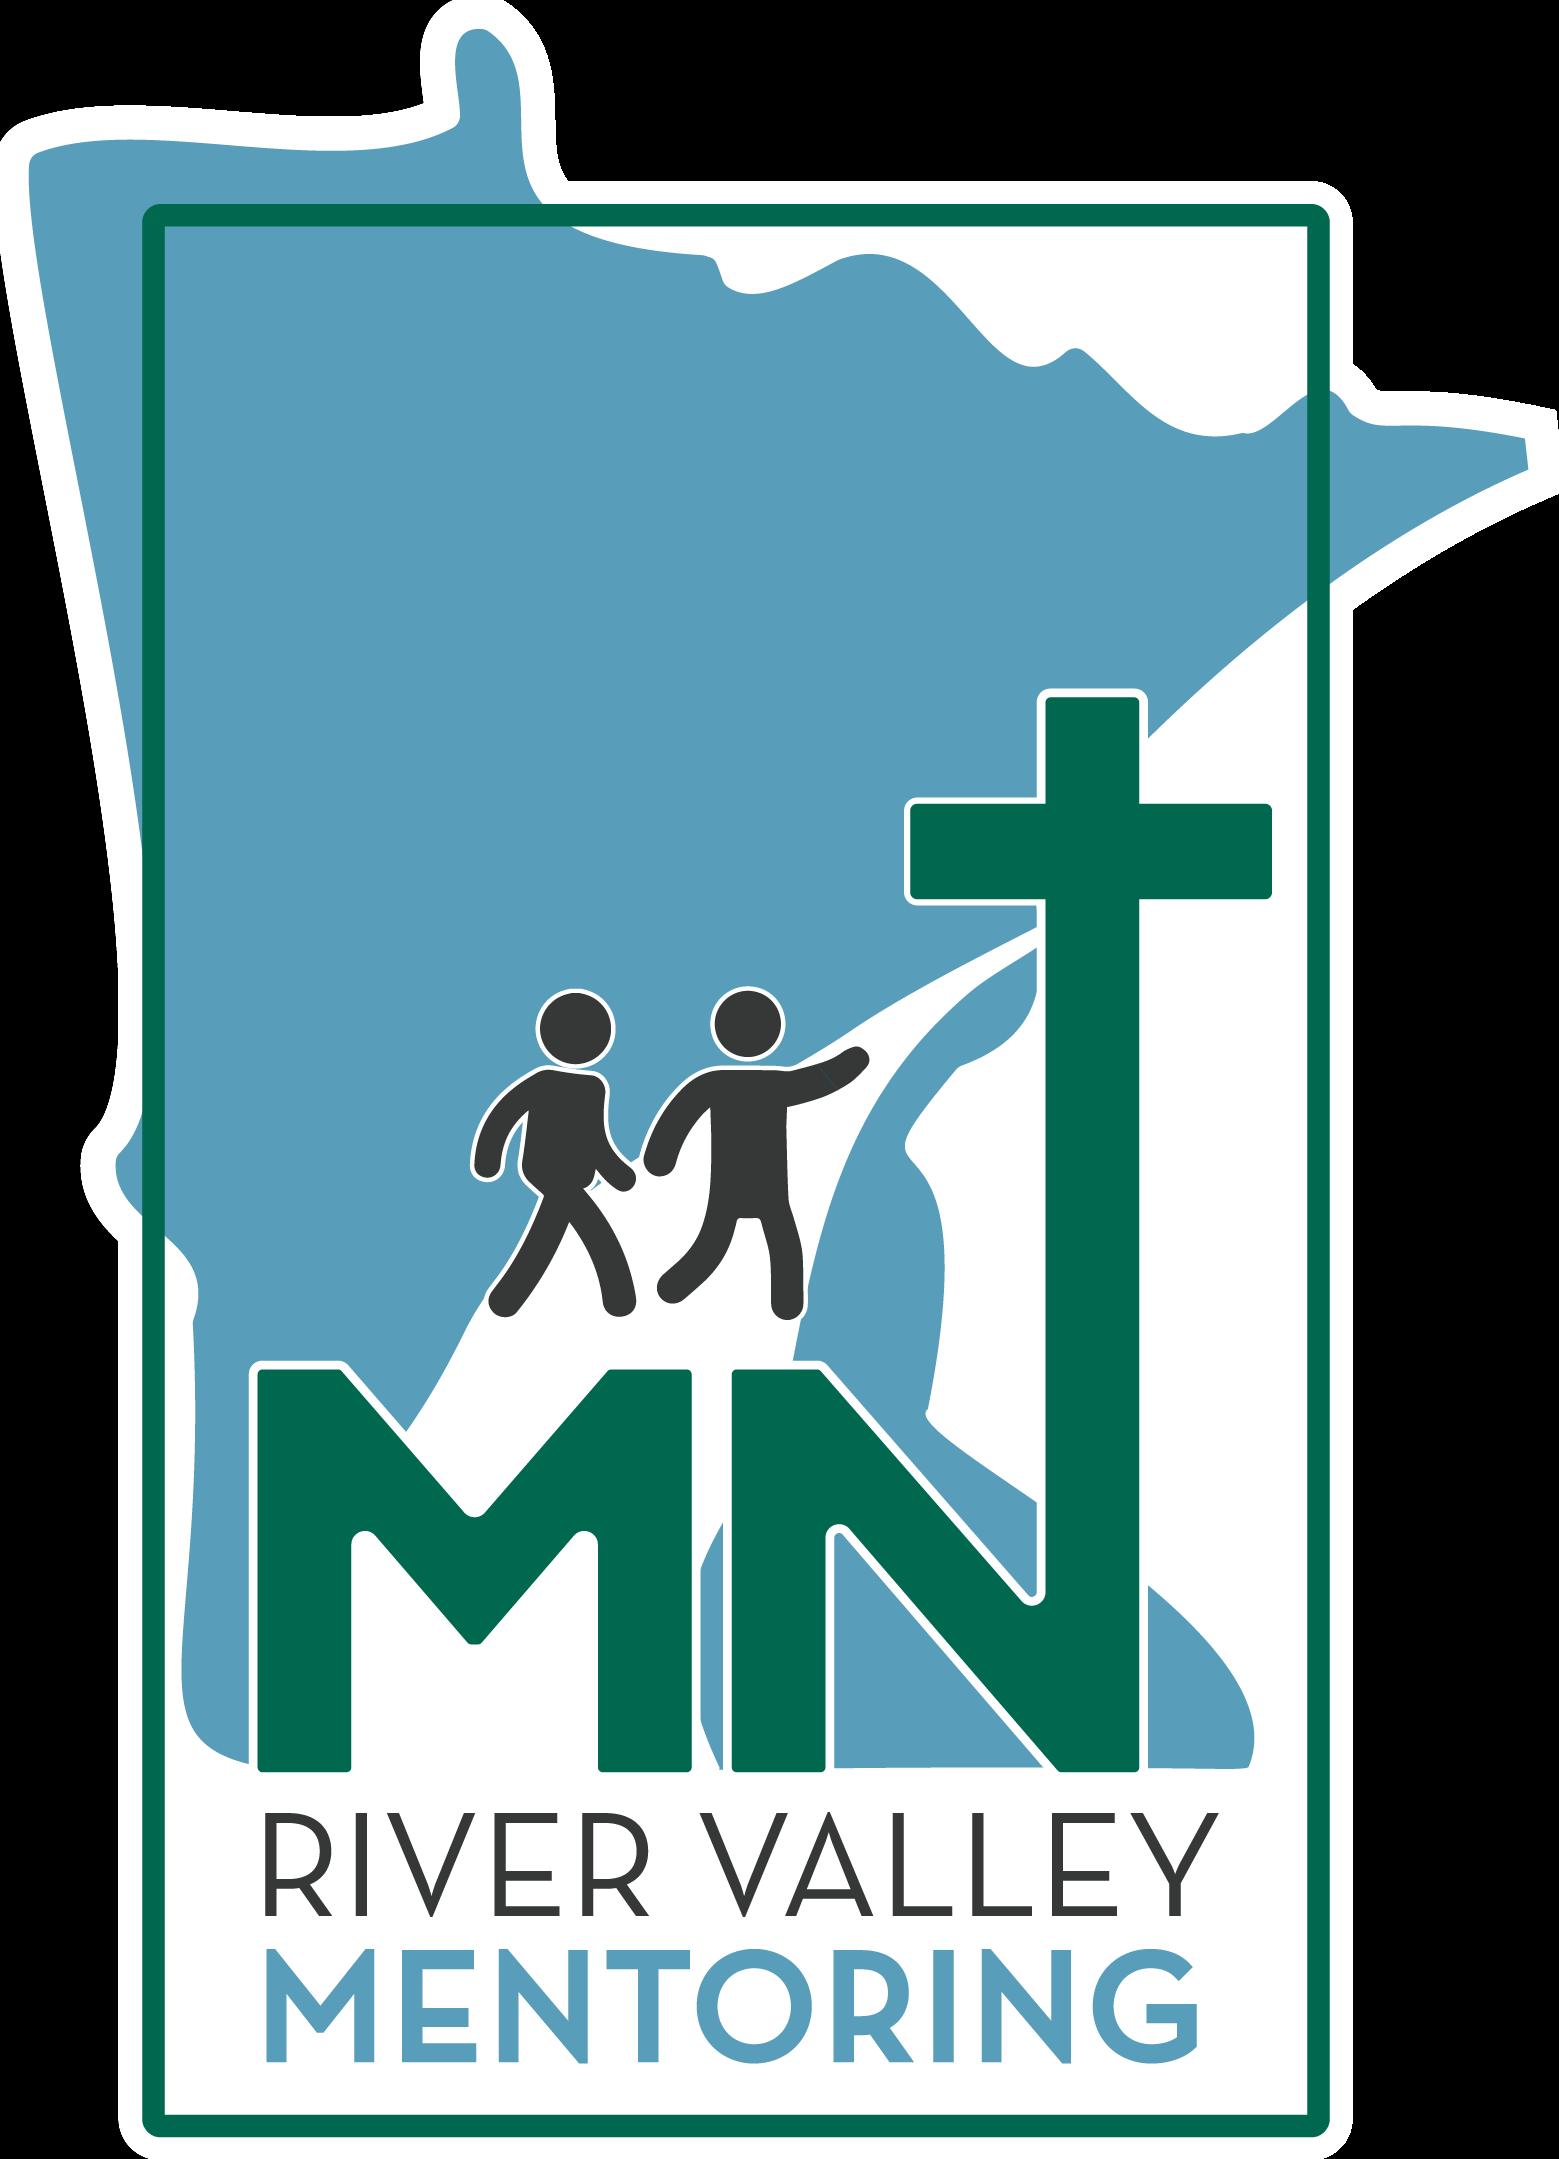 Minnesota River Valley Mentoring